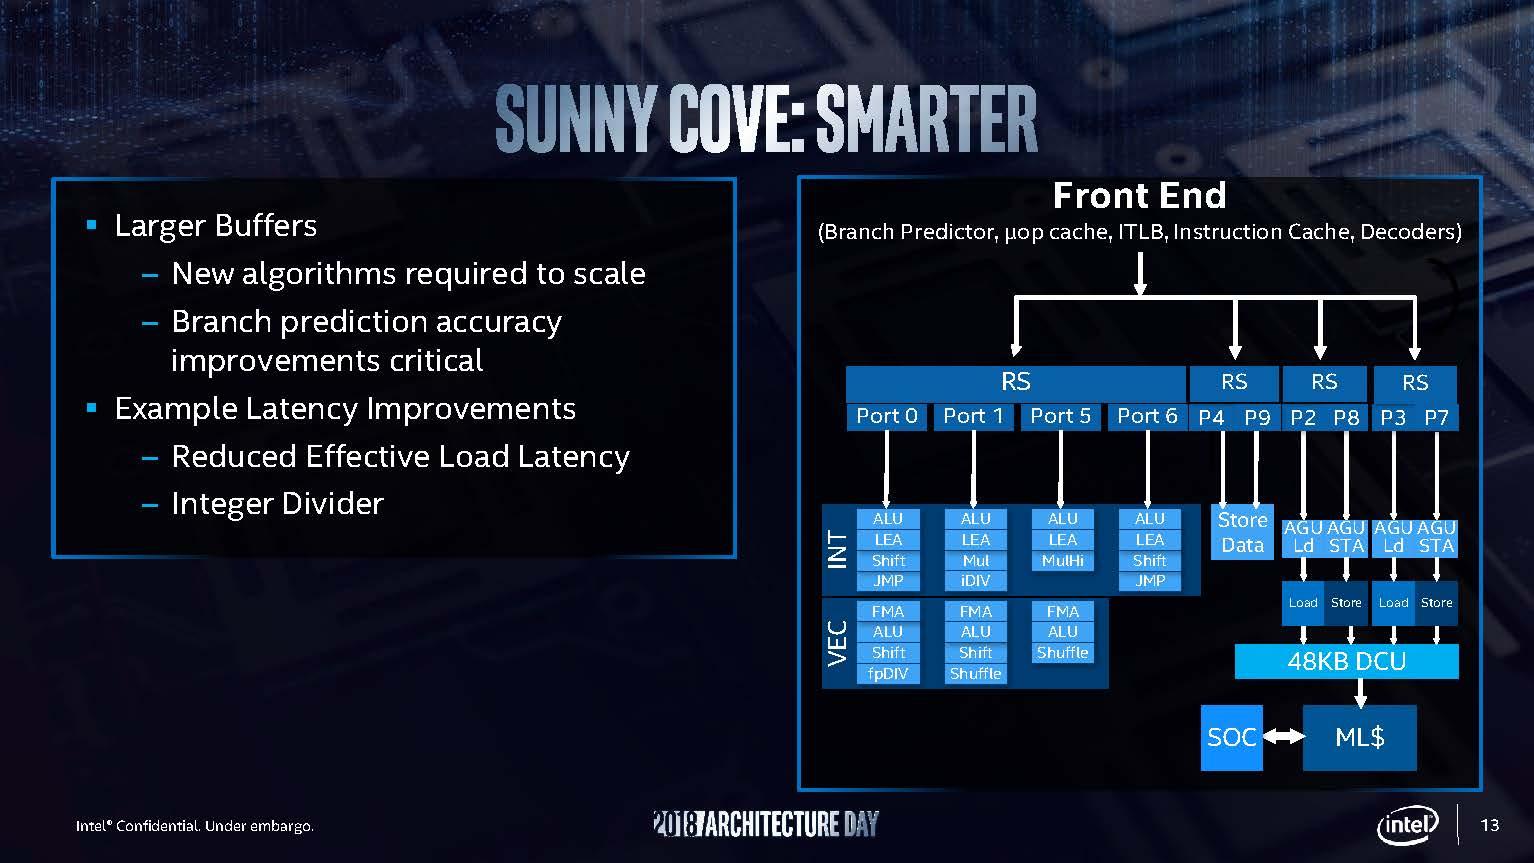 Intel Sunny Cove Smarter